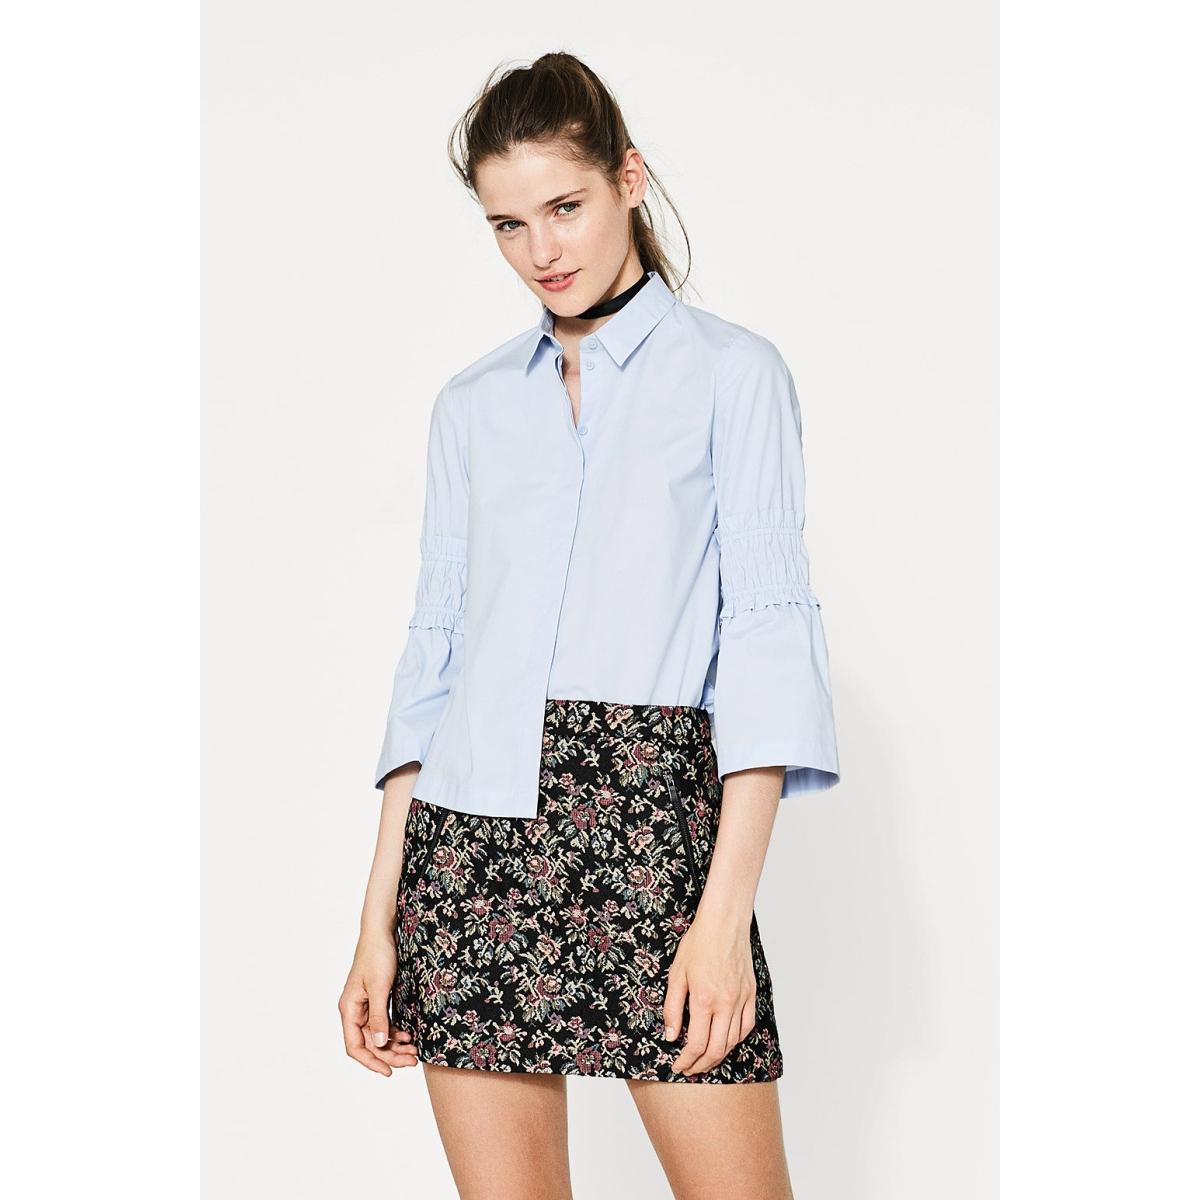 087cc1f002 edc blouse c440